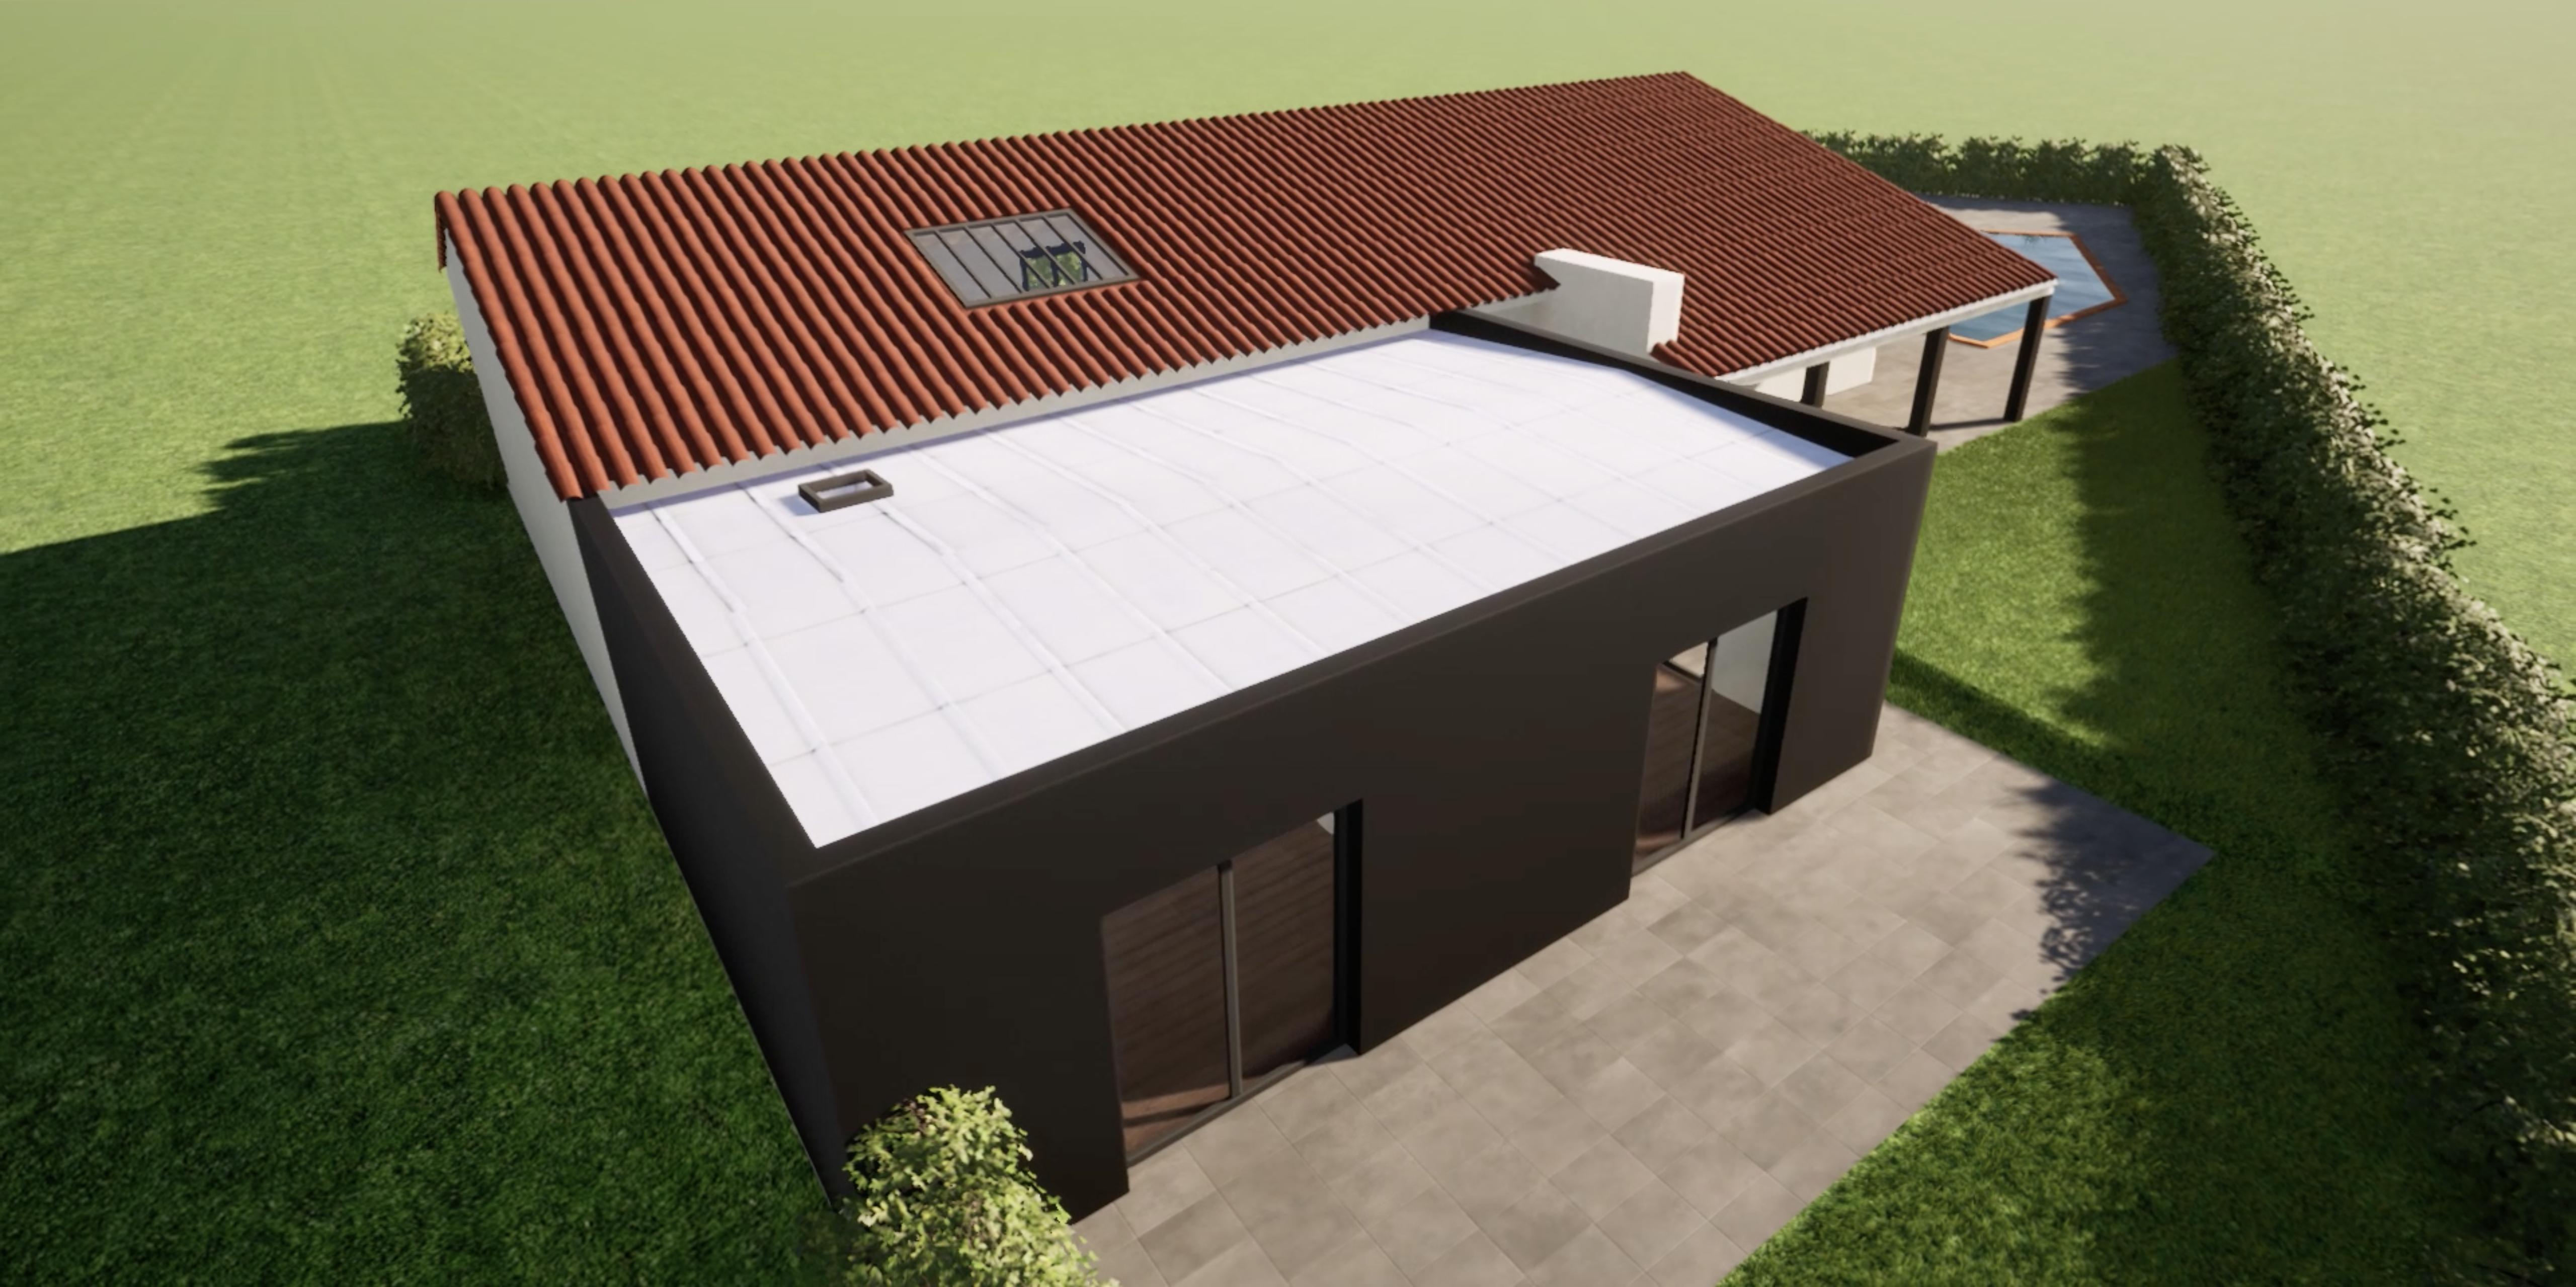 Projet-rénovation-extension-maison-area-creatio